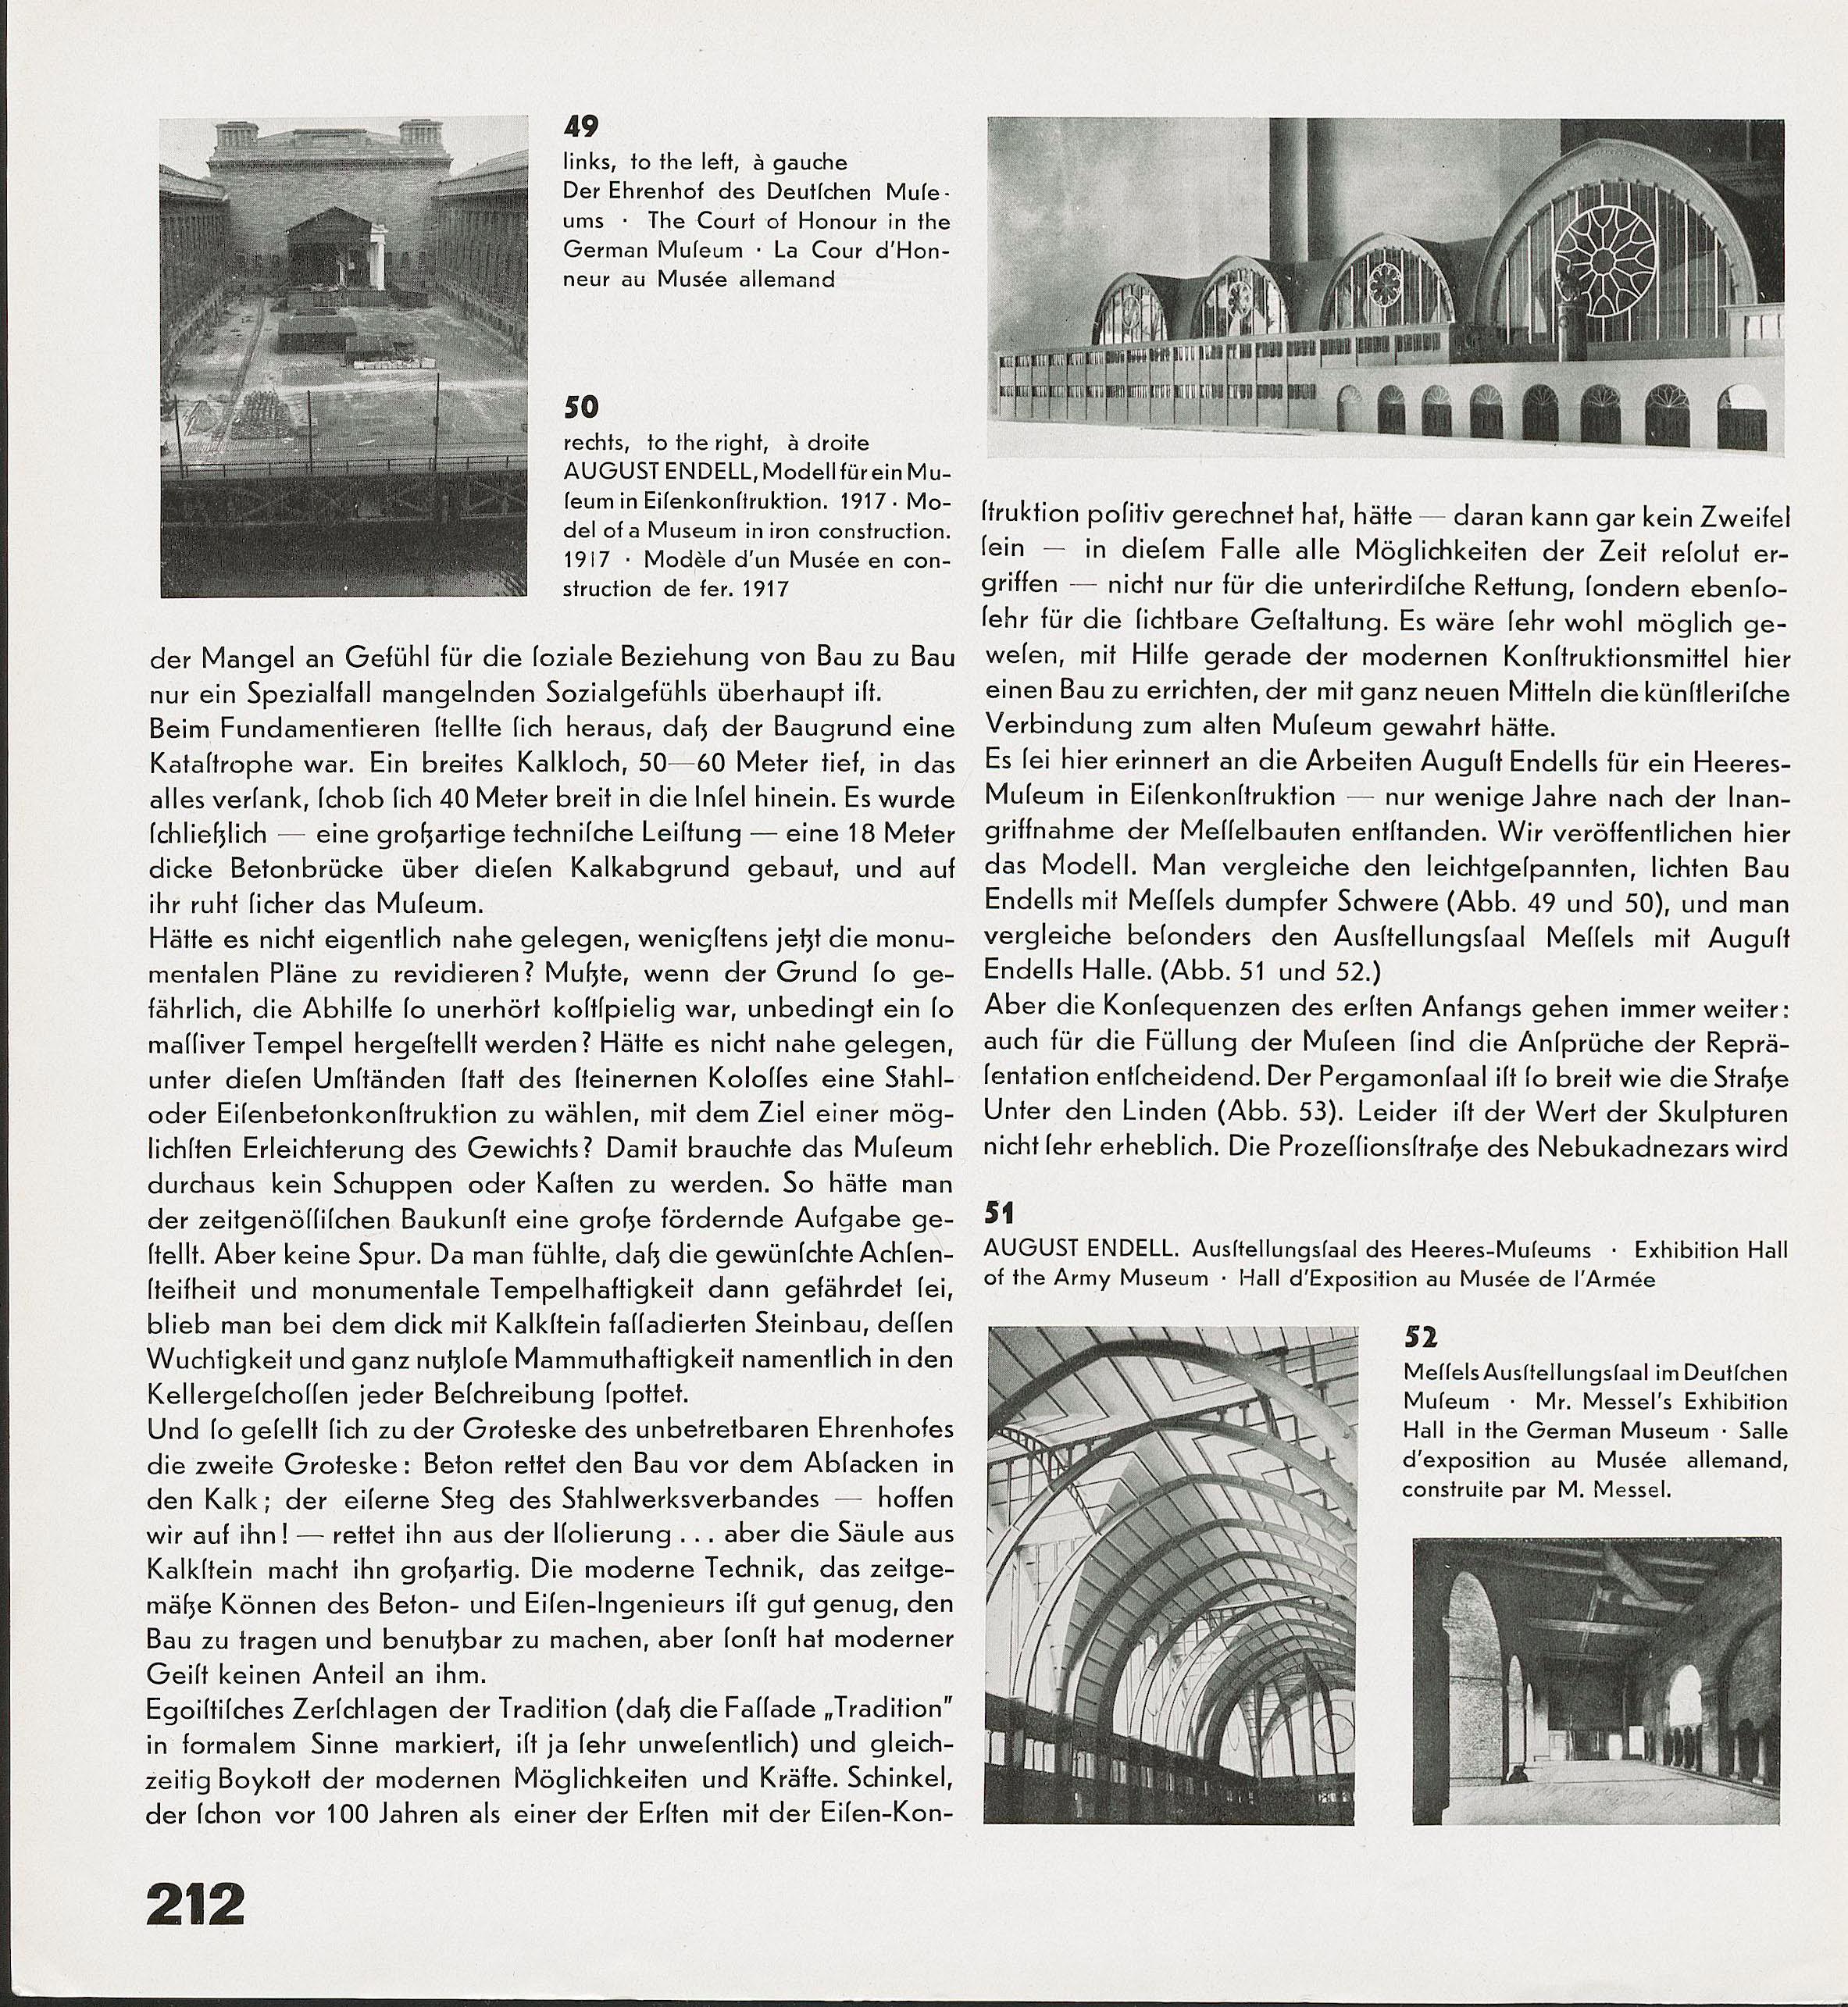 Das neue Frankfurt - Deutsche Bauen in der UdSSR (September 1930)_Page_20